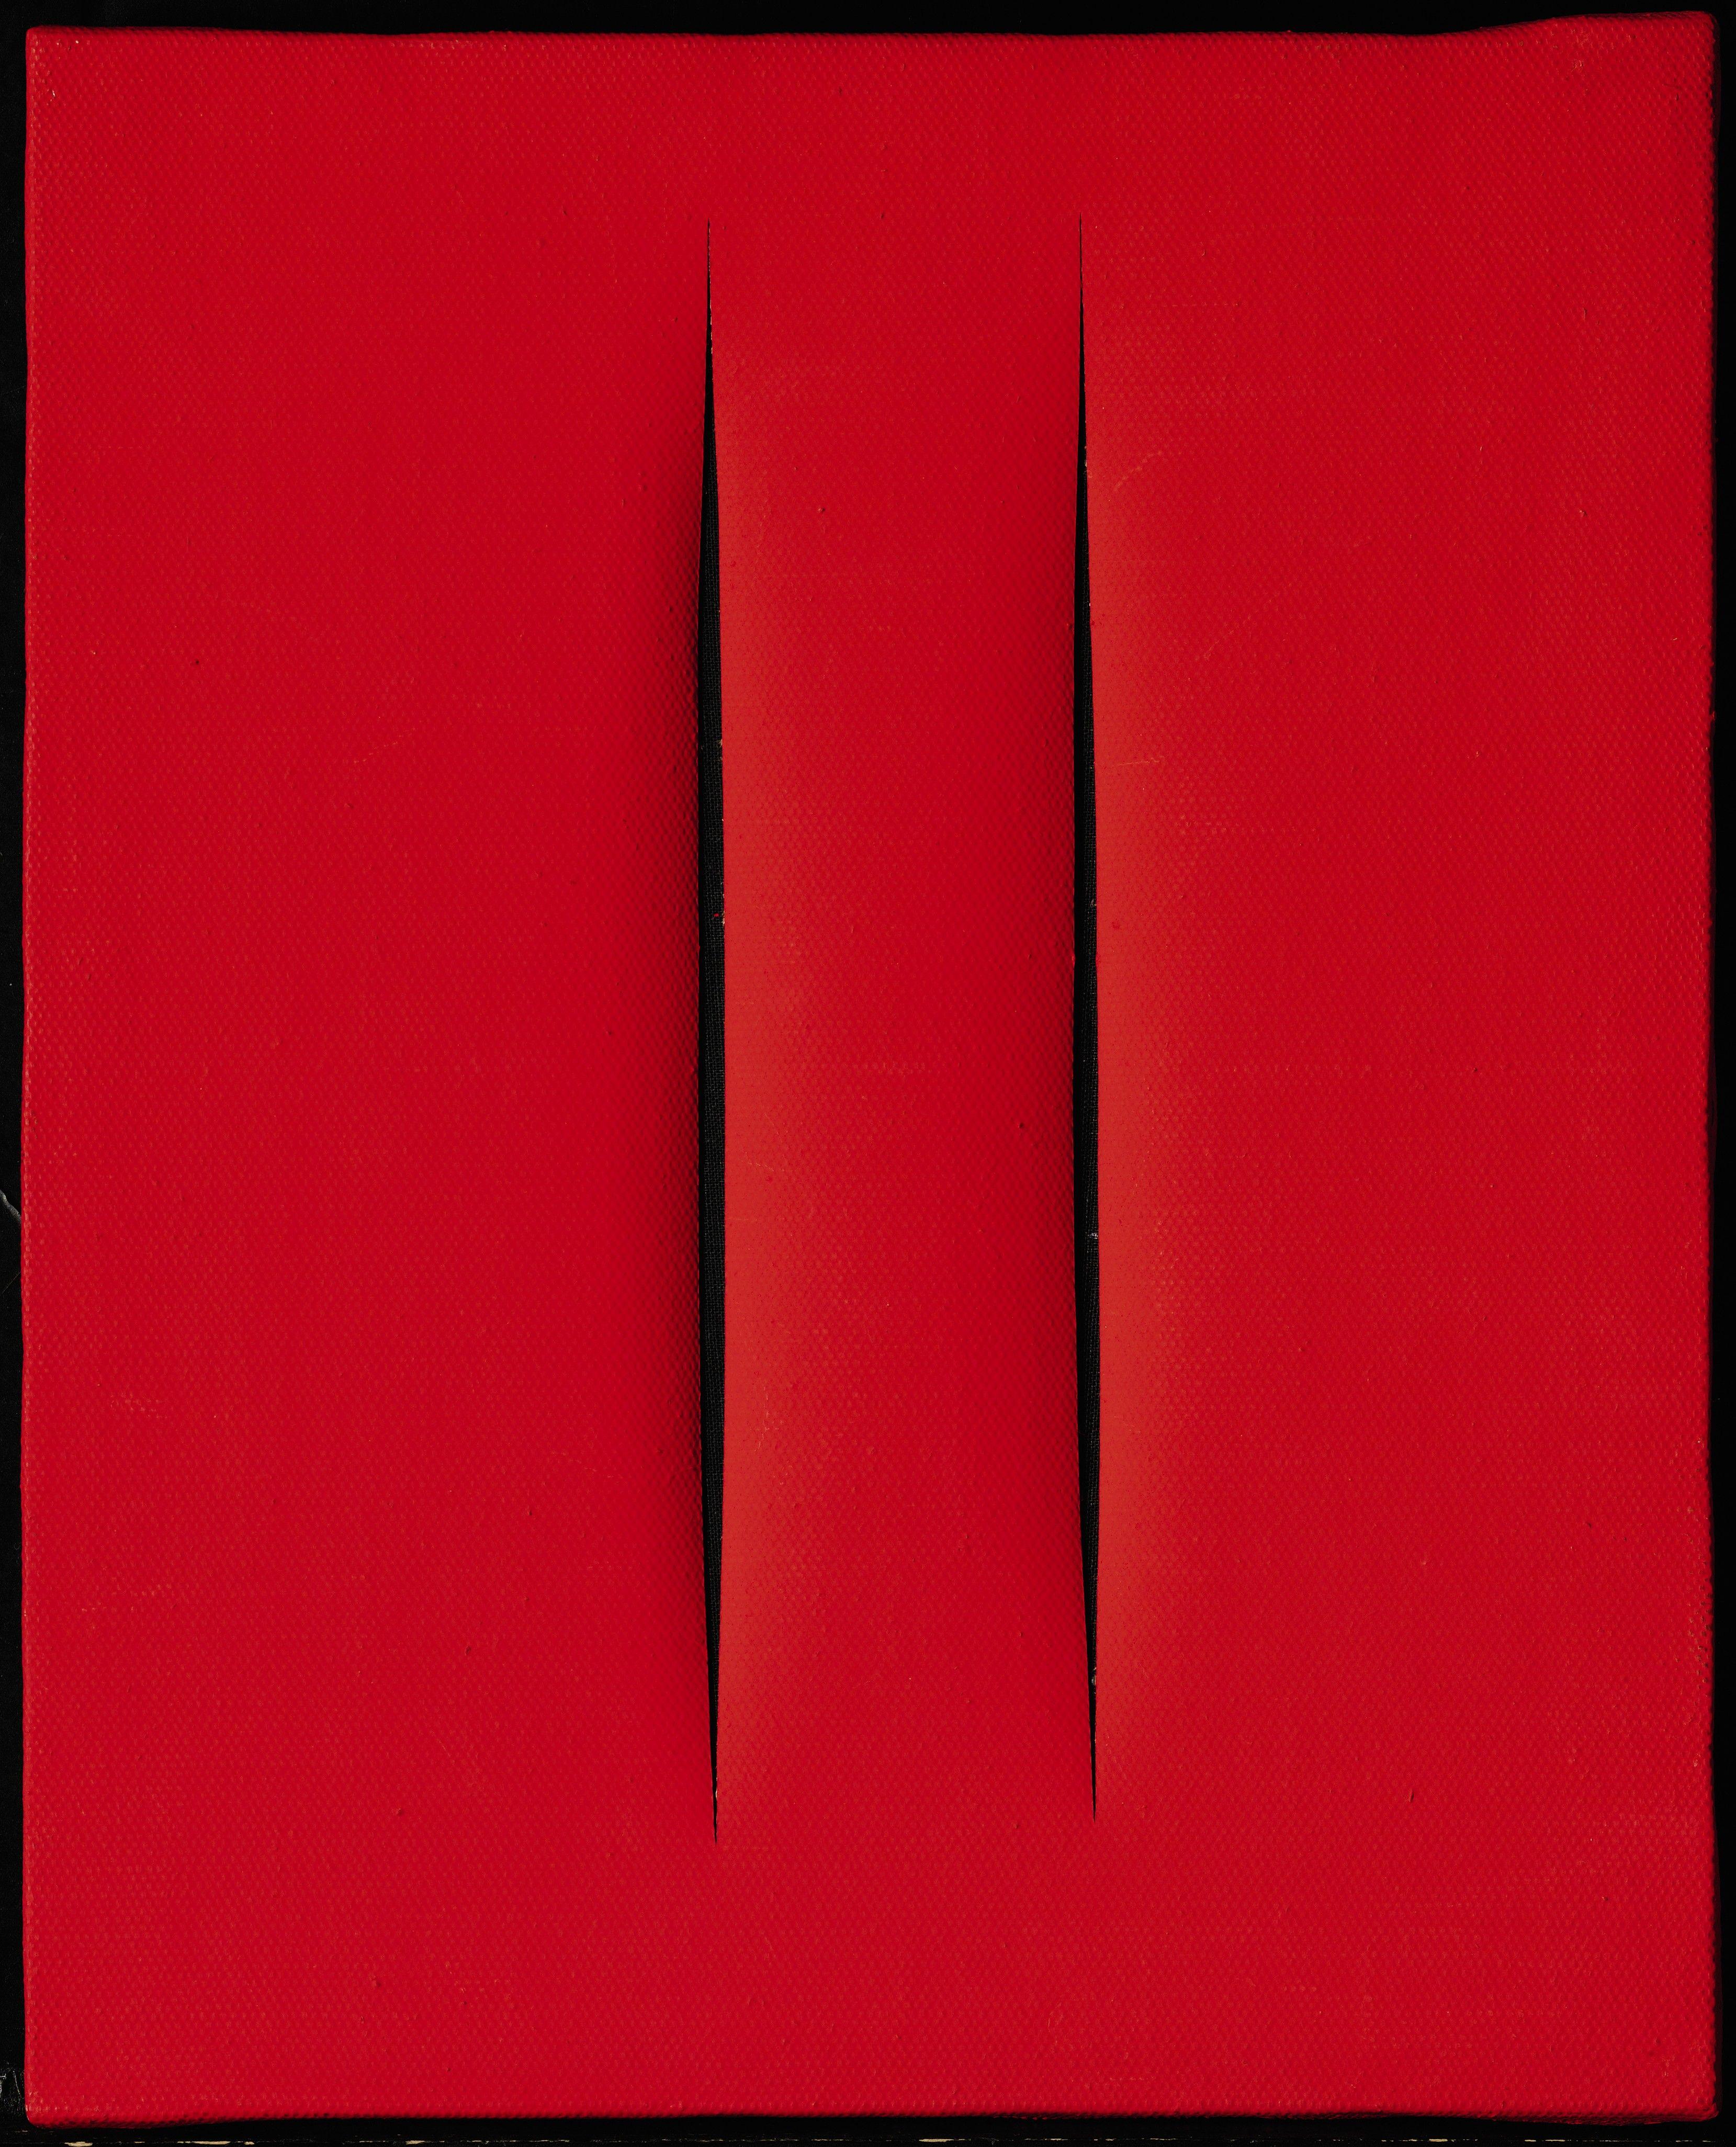 lucio-fontana-concetto-spaziale-rosso-attese